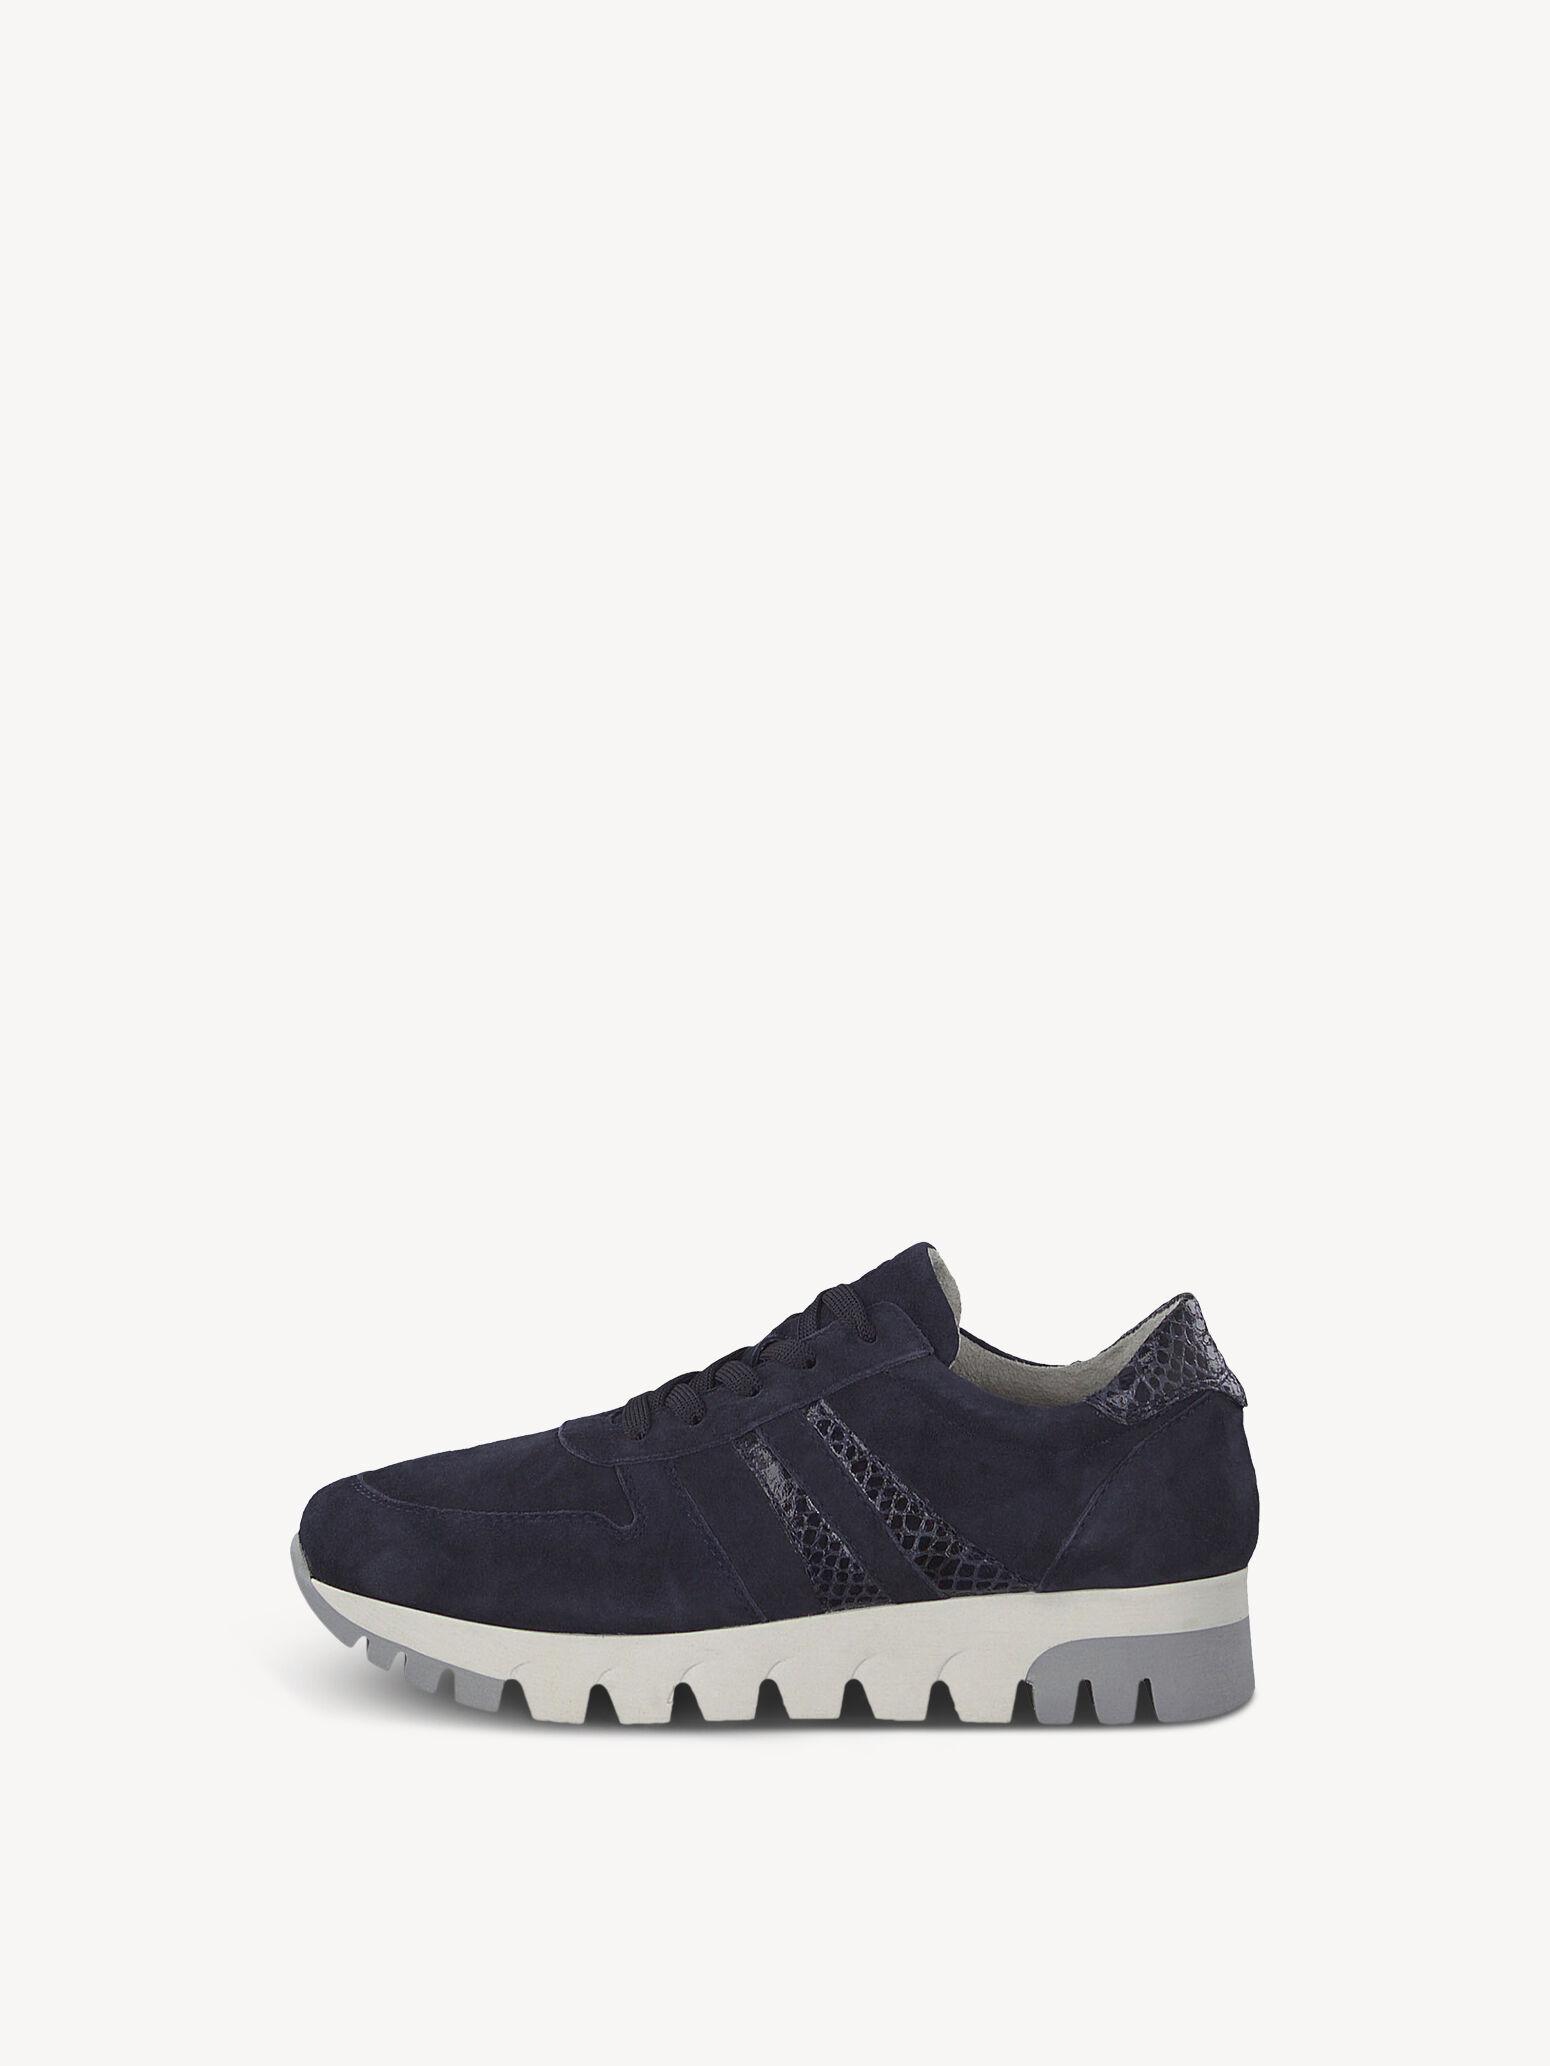 Damen-Sneaker online kaufen - Offizieller Tamaris Shop